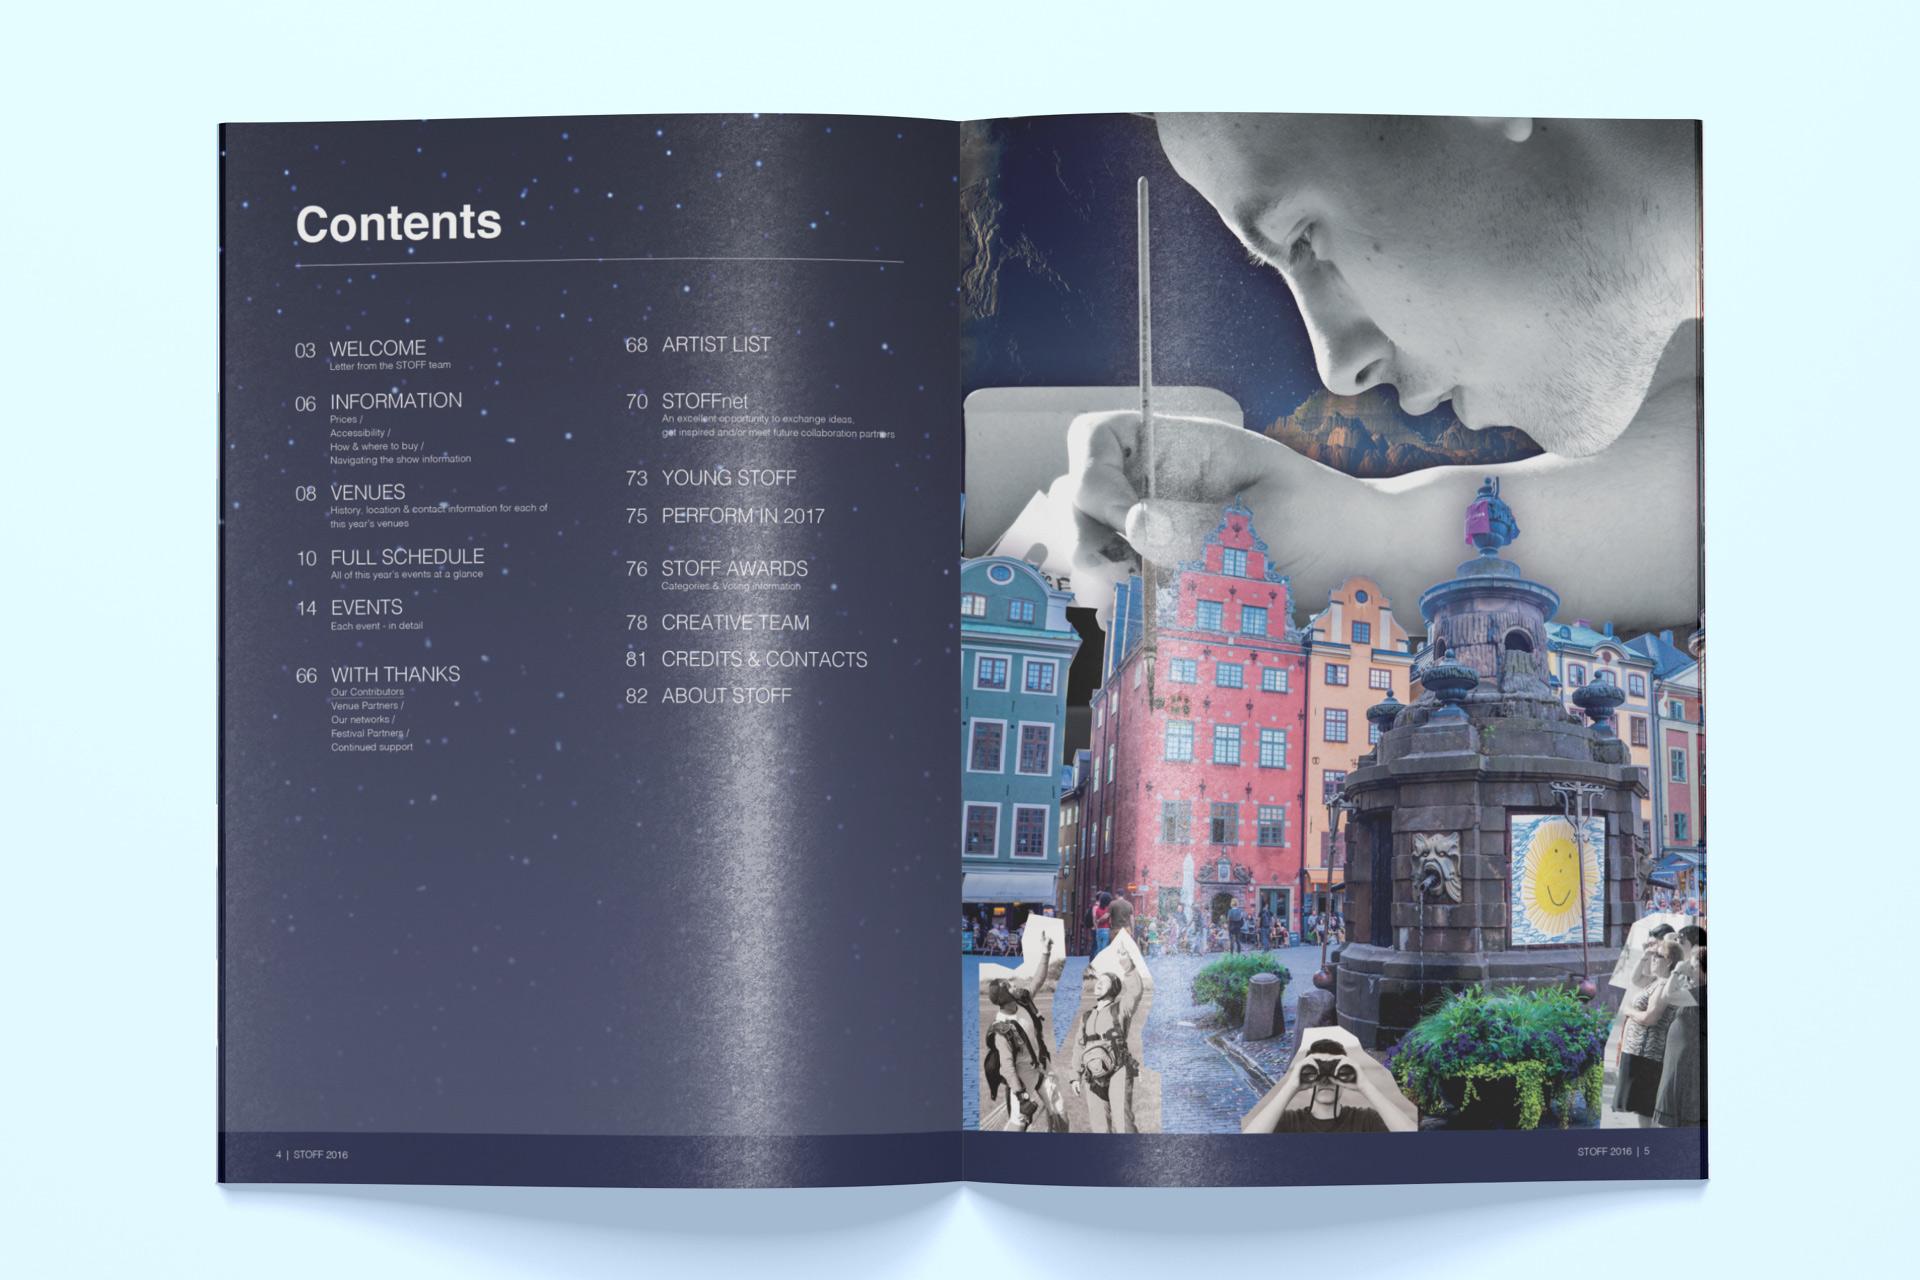 leesimmons-home-stockholm-fringe-branding-visual-identity-design2.jpg